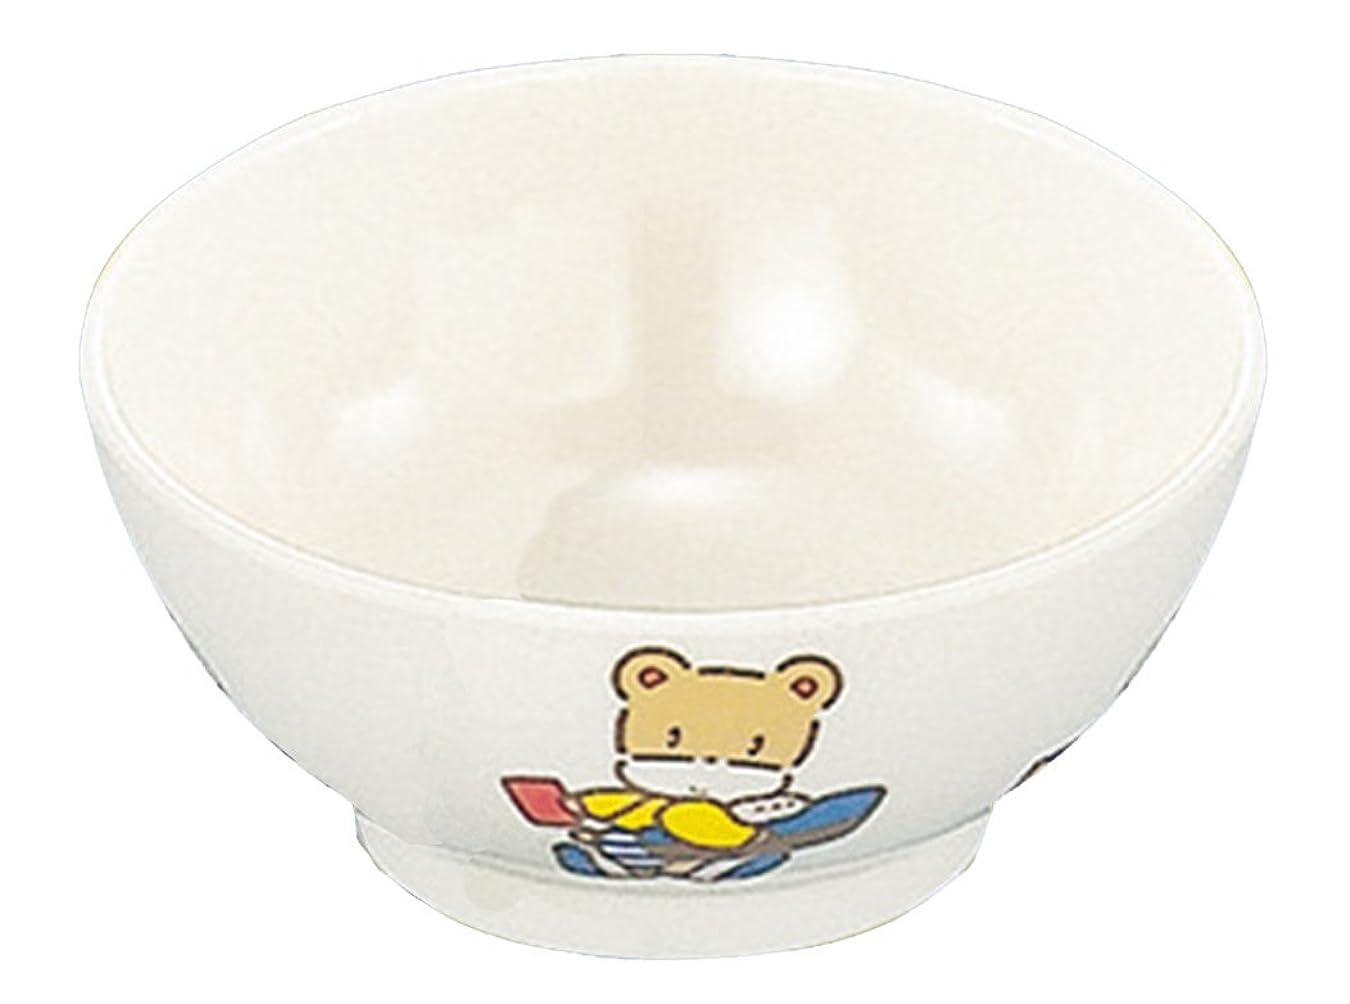 ピンチ十分プラカードマルケイ kidorikko(キドリッコ) 飯茶碗(身) J5B KD